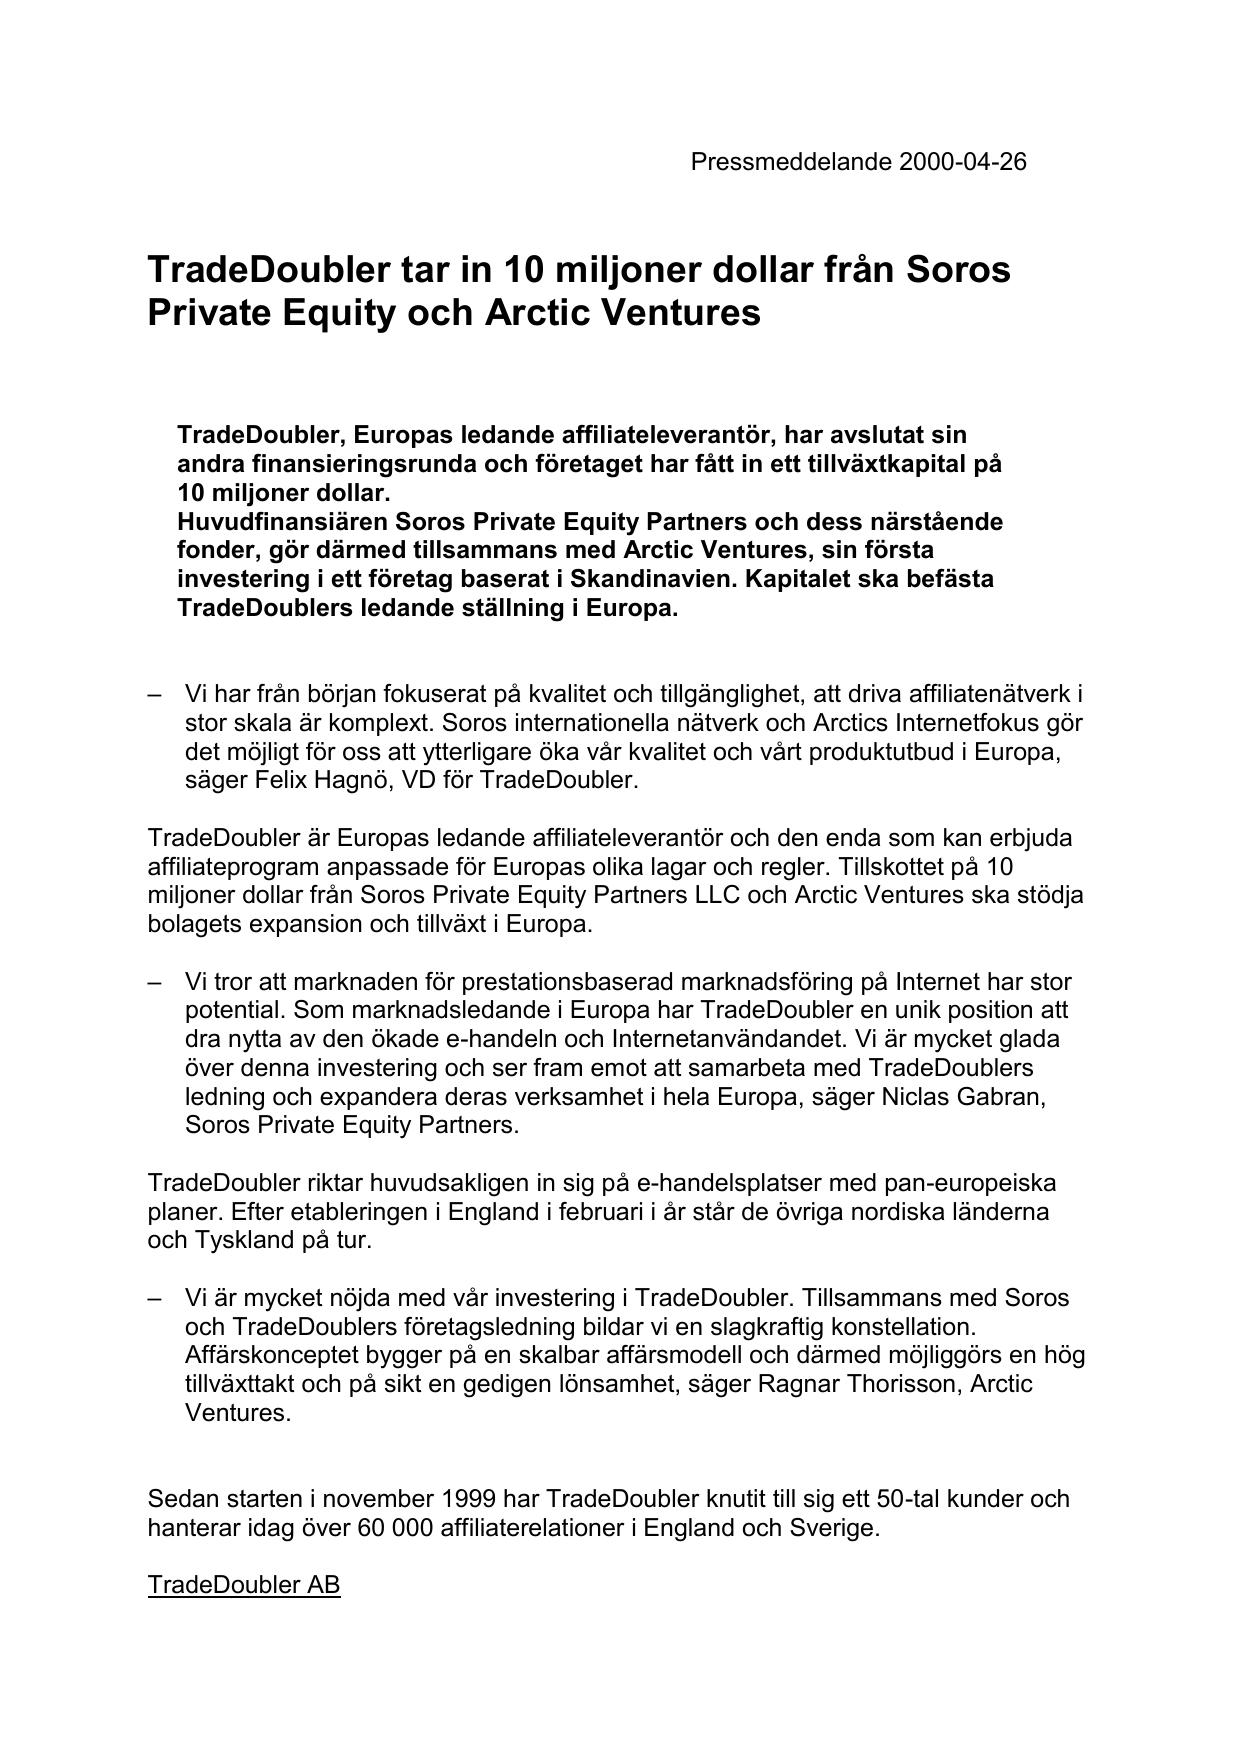 Soros huvudfinansiär när TradeDoubler säkrar andra